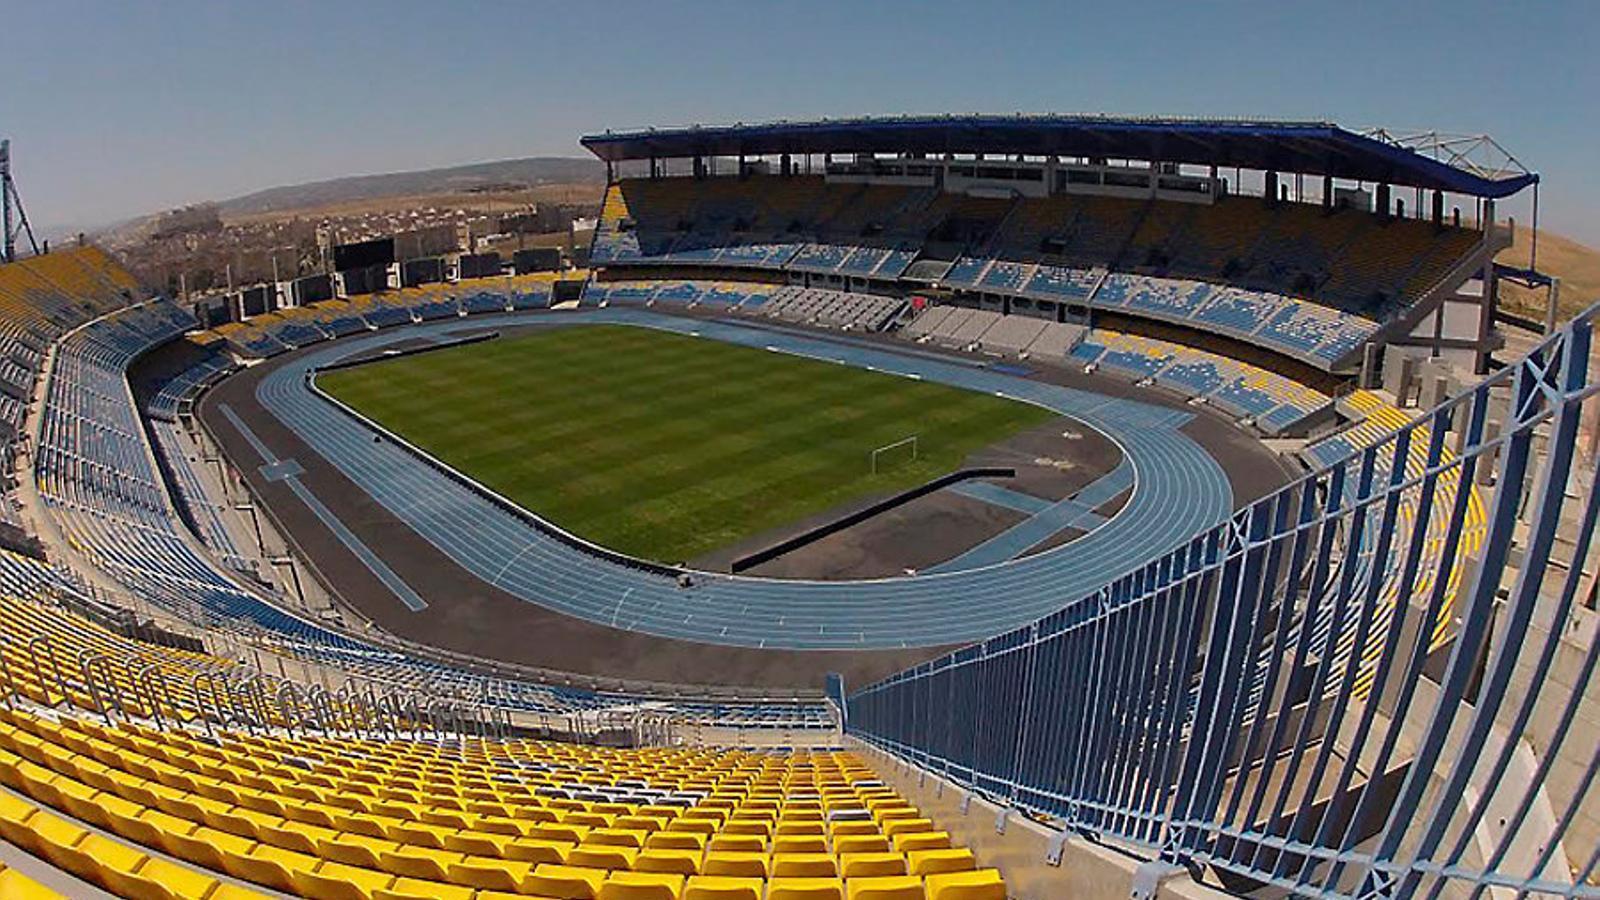 L'estadi Stade Ibn Battouta de Tànger serà la seu de la Supercopa d'Espanya que disputarà el Barça contra el Sevilla.